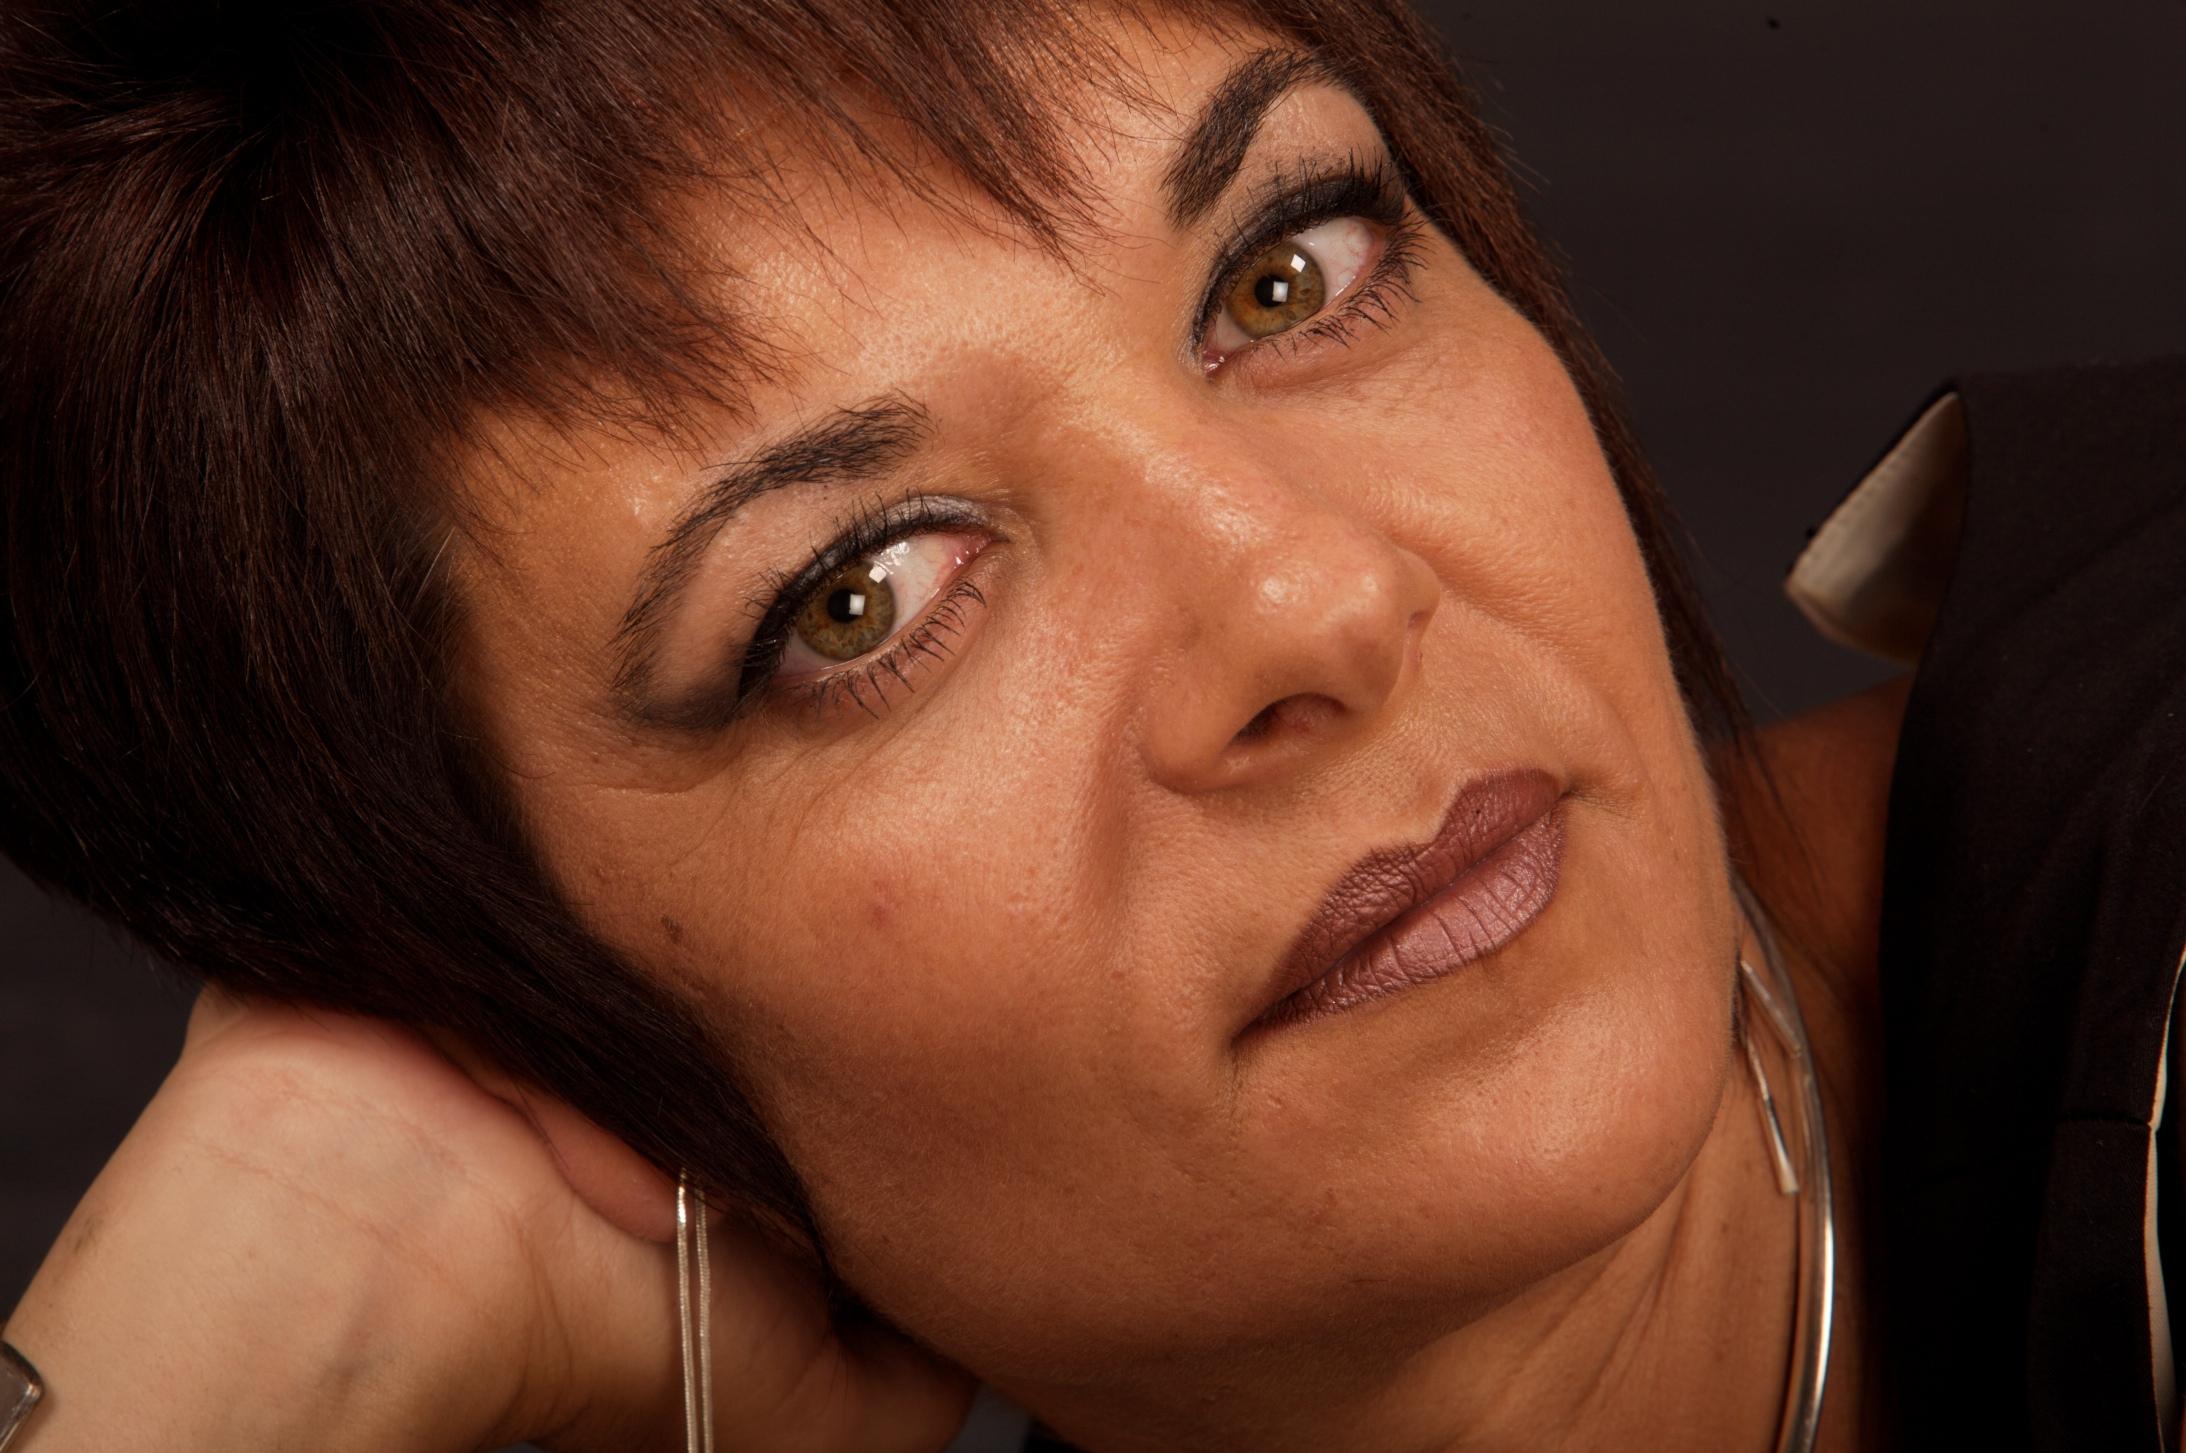 Lola Linares